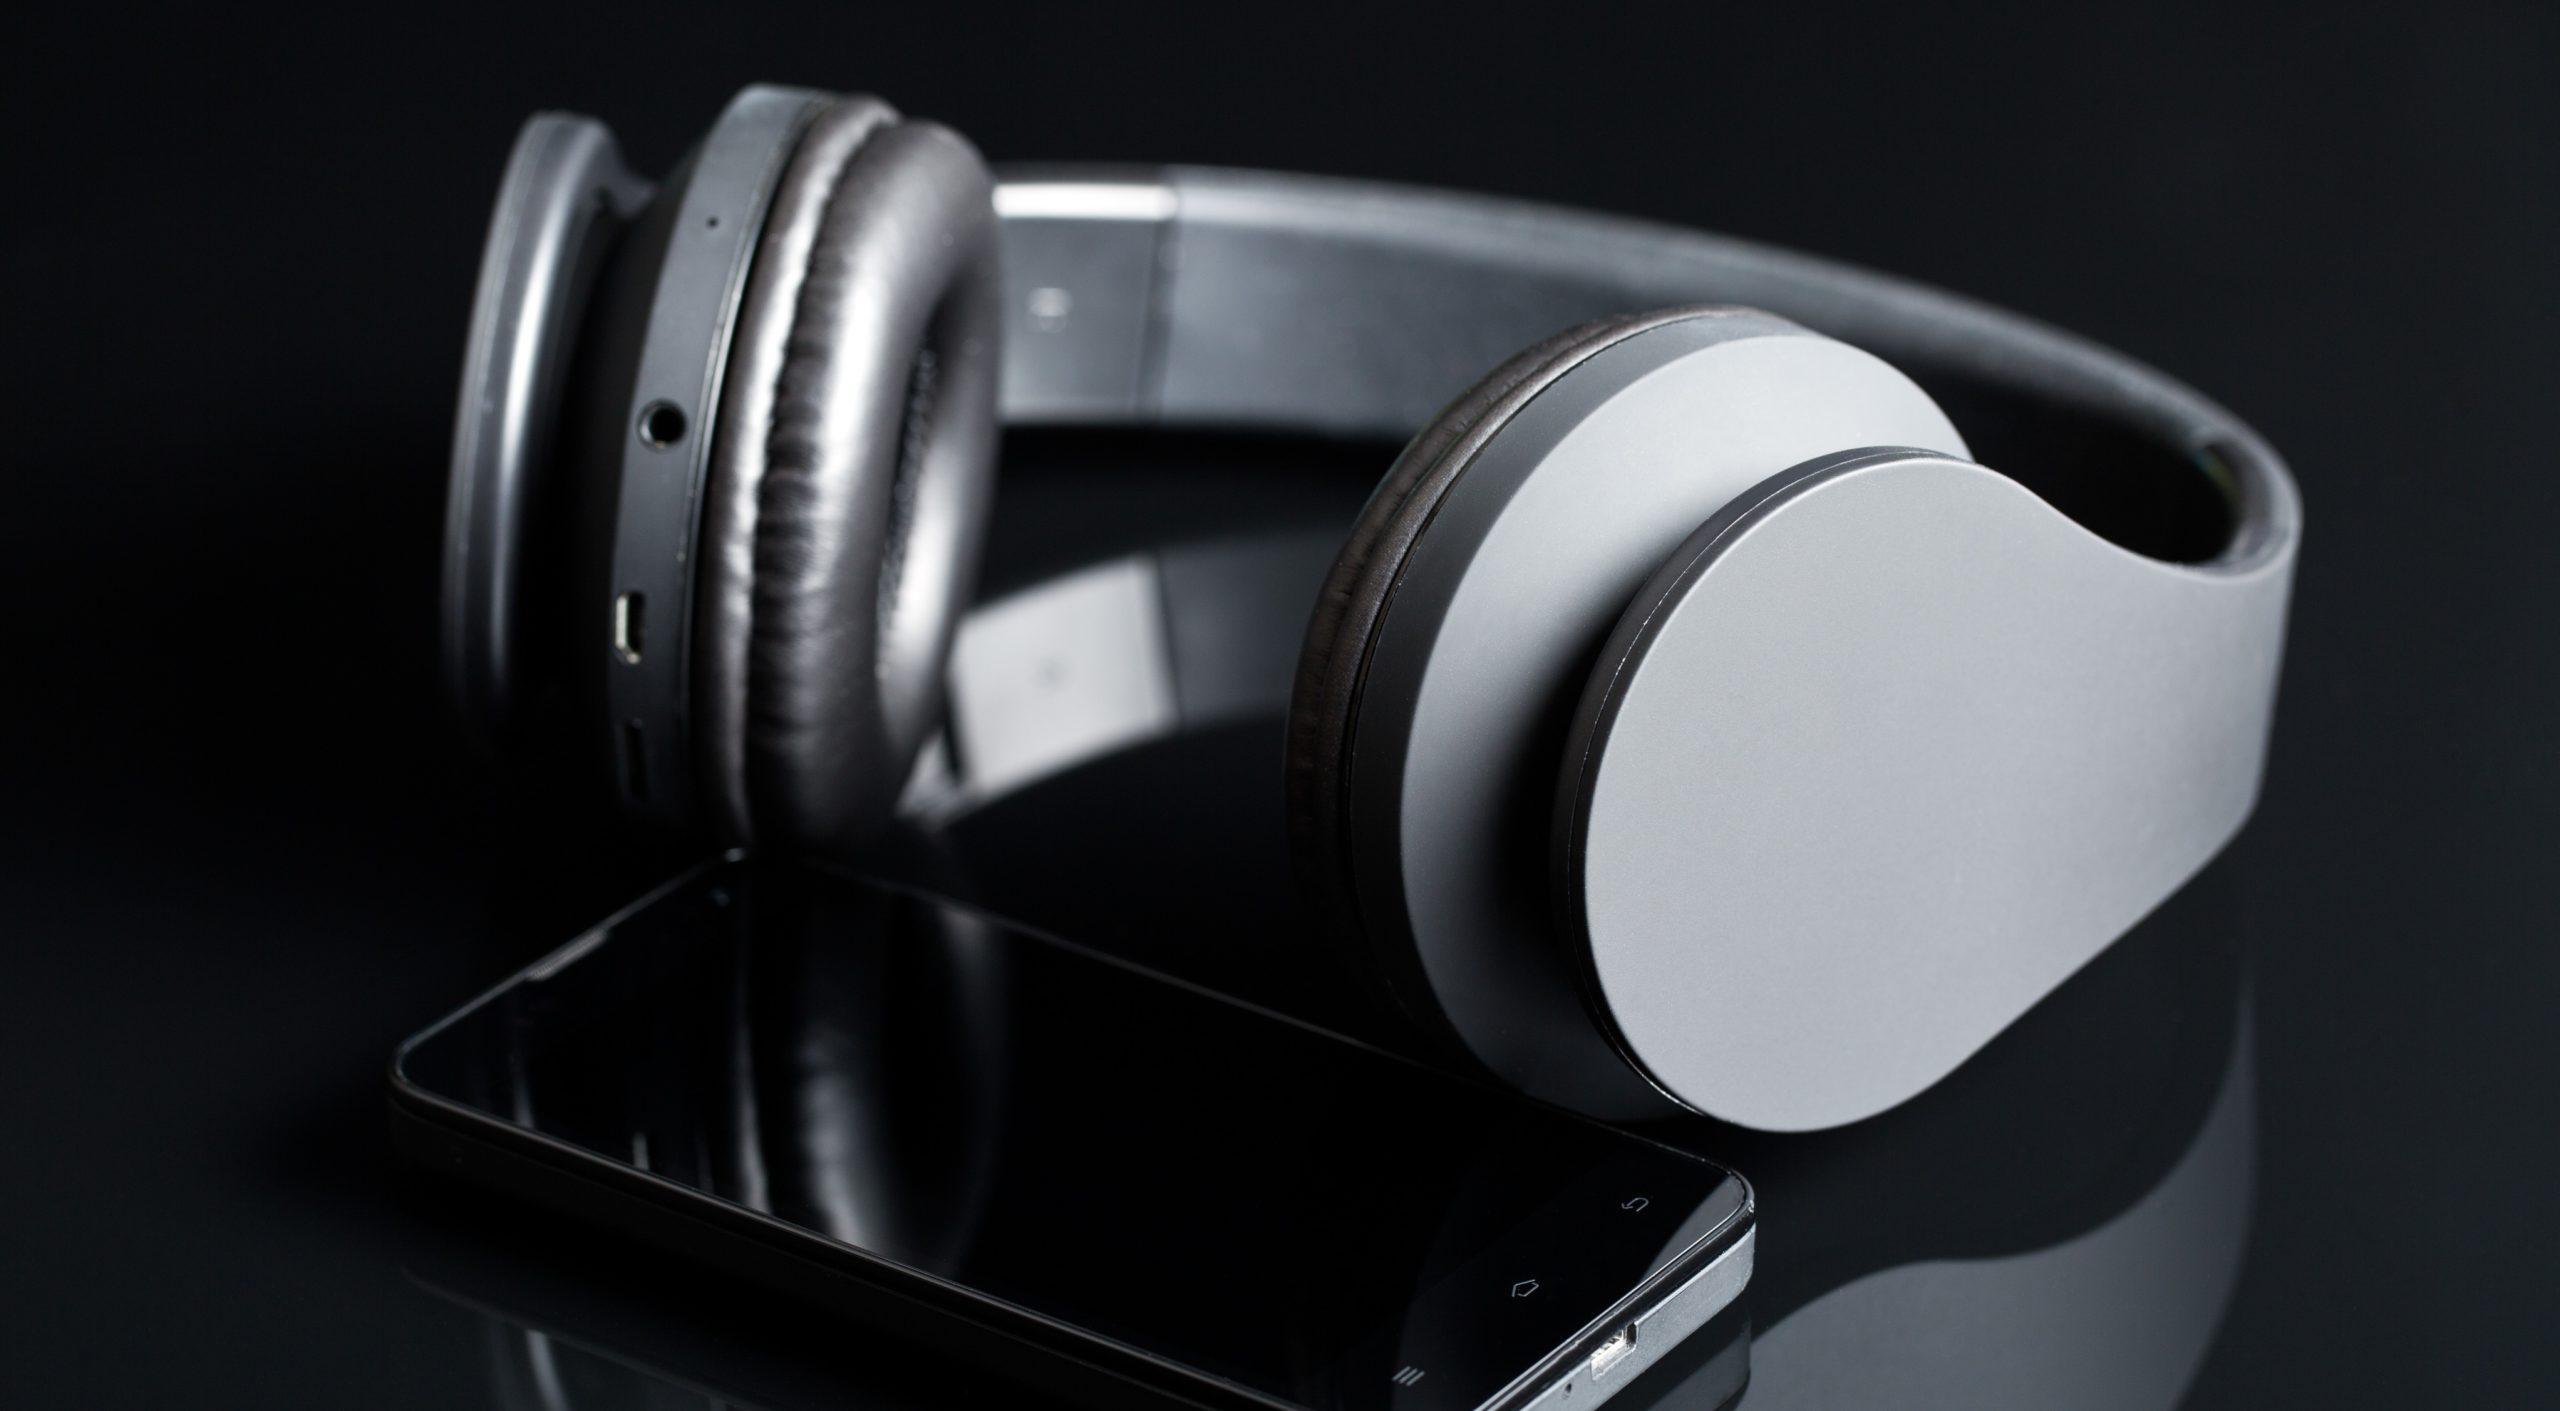 Migliori cuffie wireless Samsung 2020: Guida all'acquisto